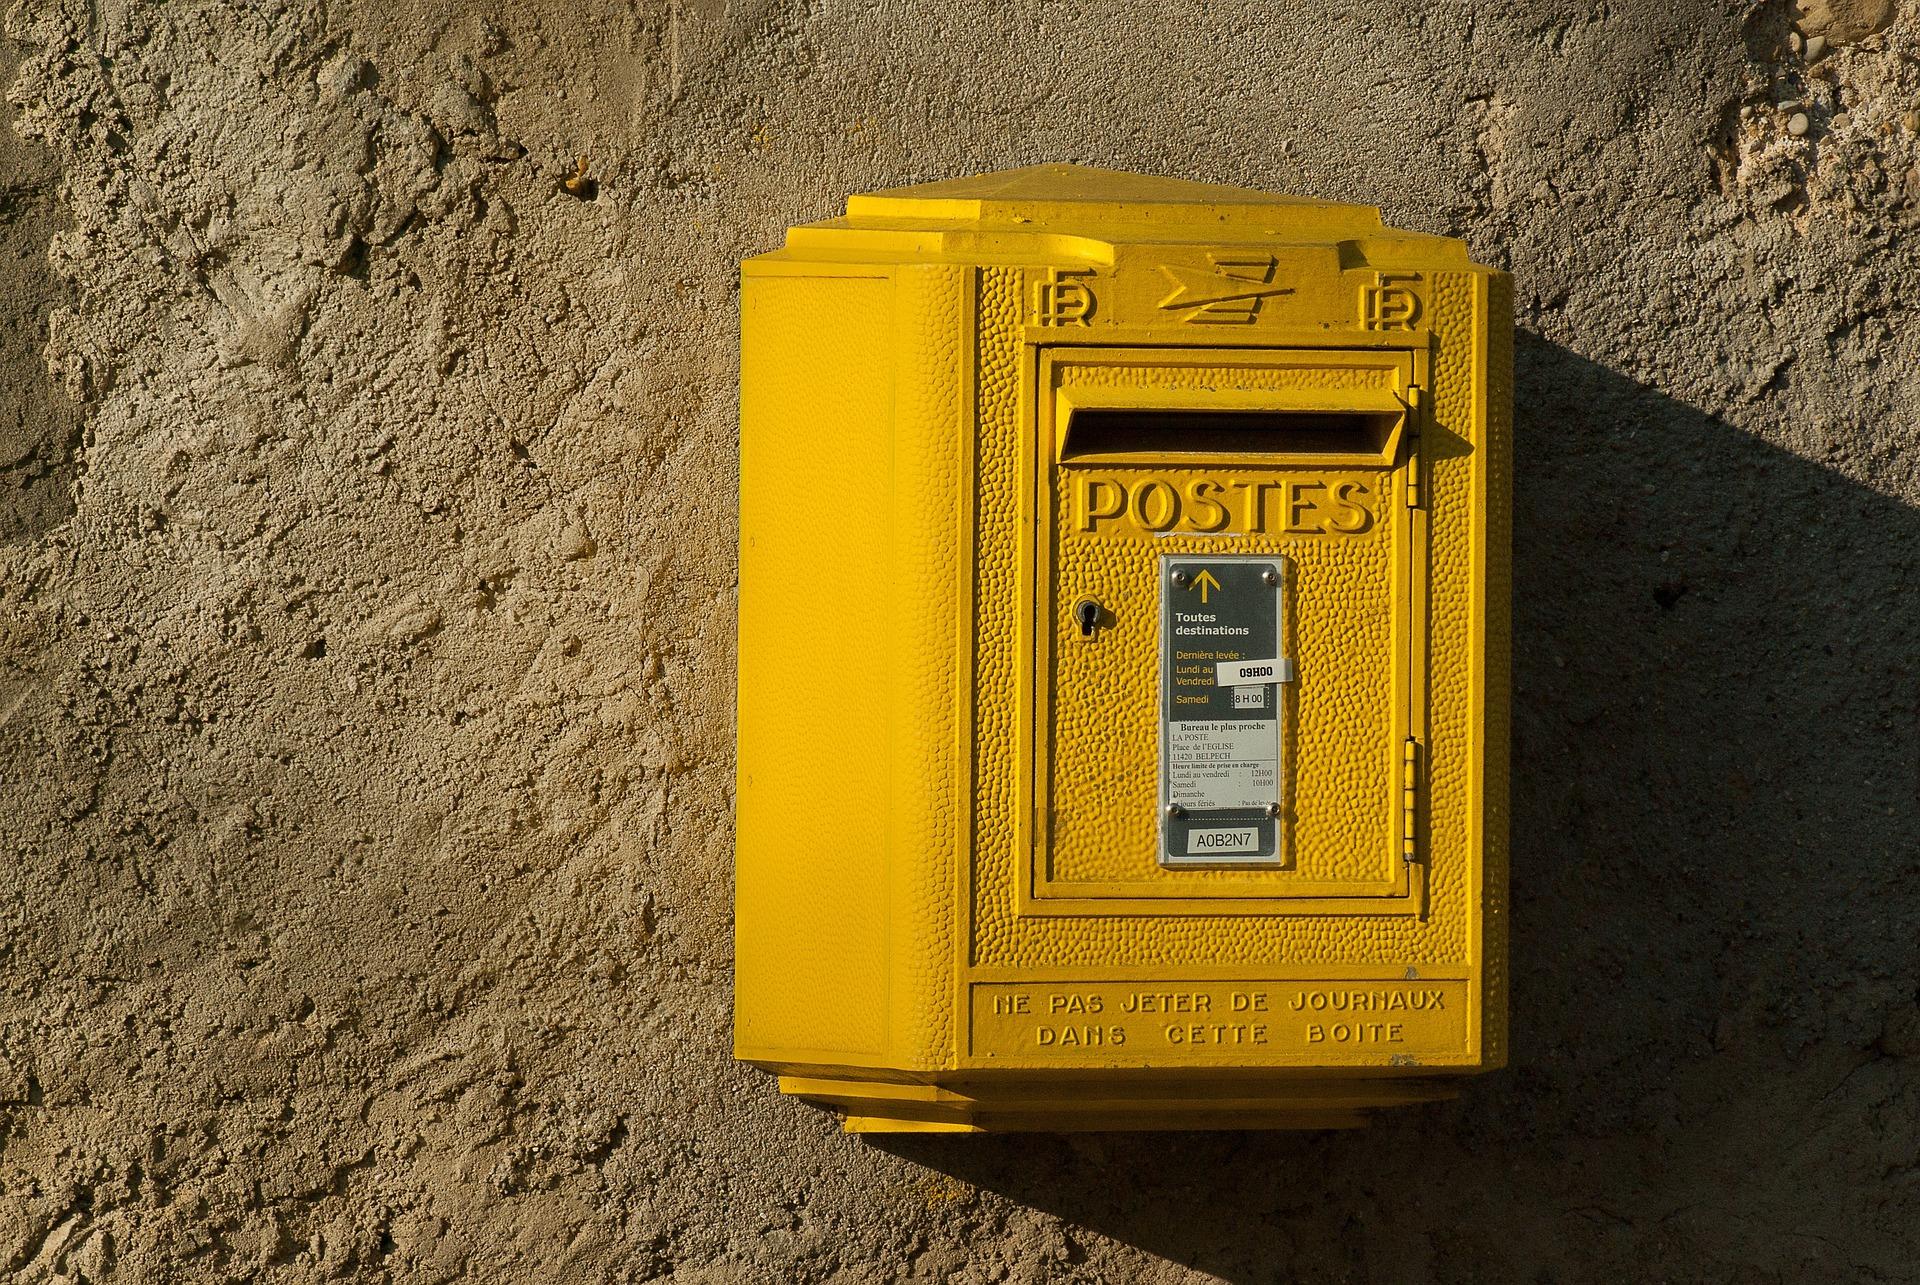 La Poste : Si vous attendez un colis, vous avez peut-être été victime d'une campagne de hameçonnage